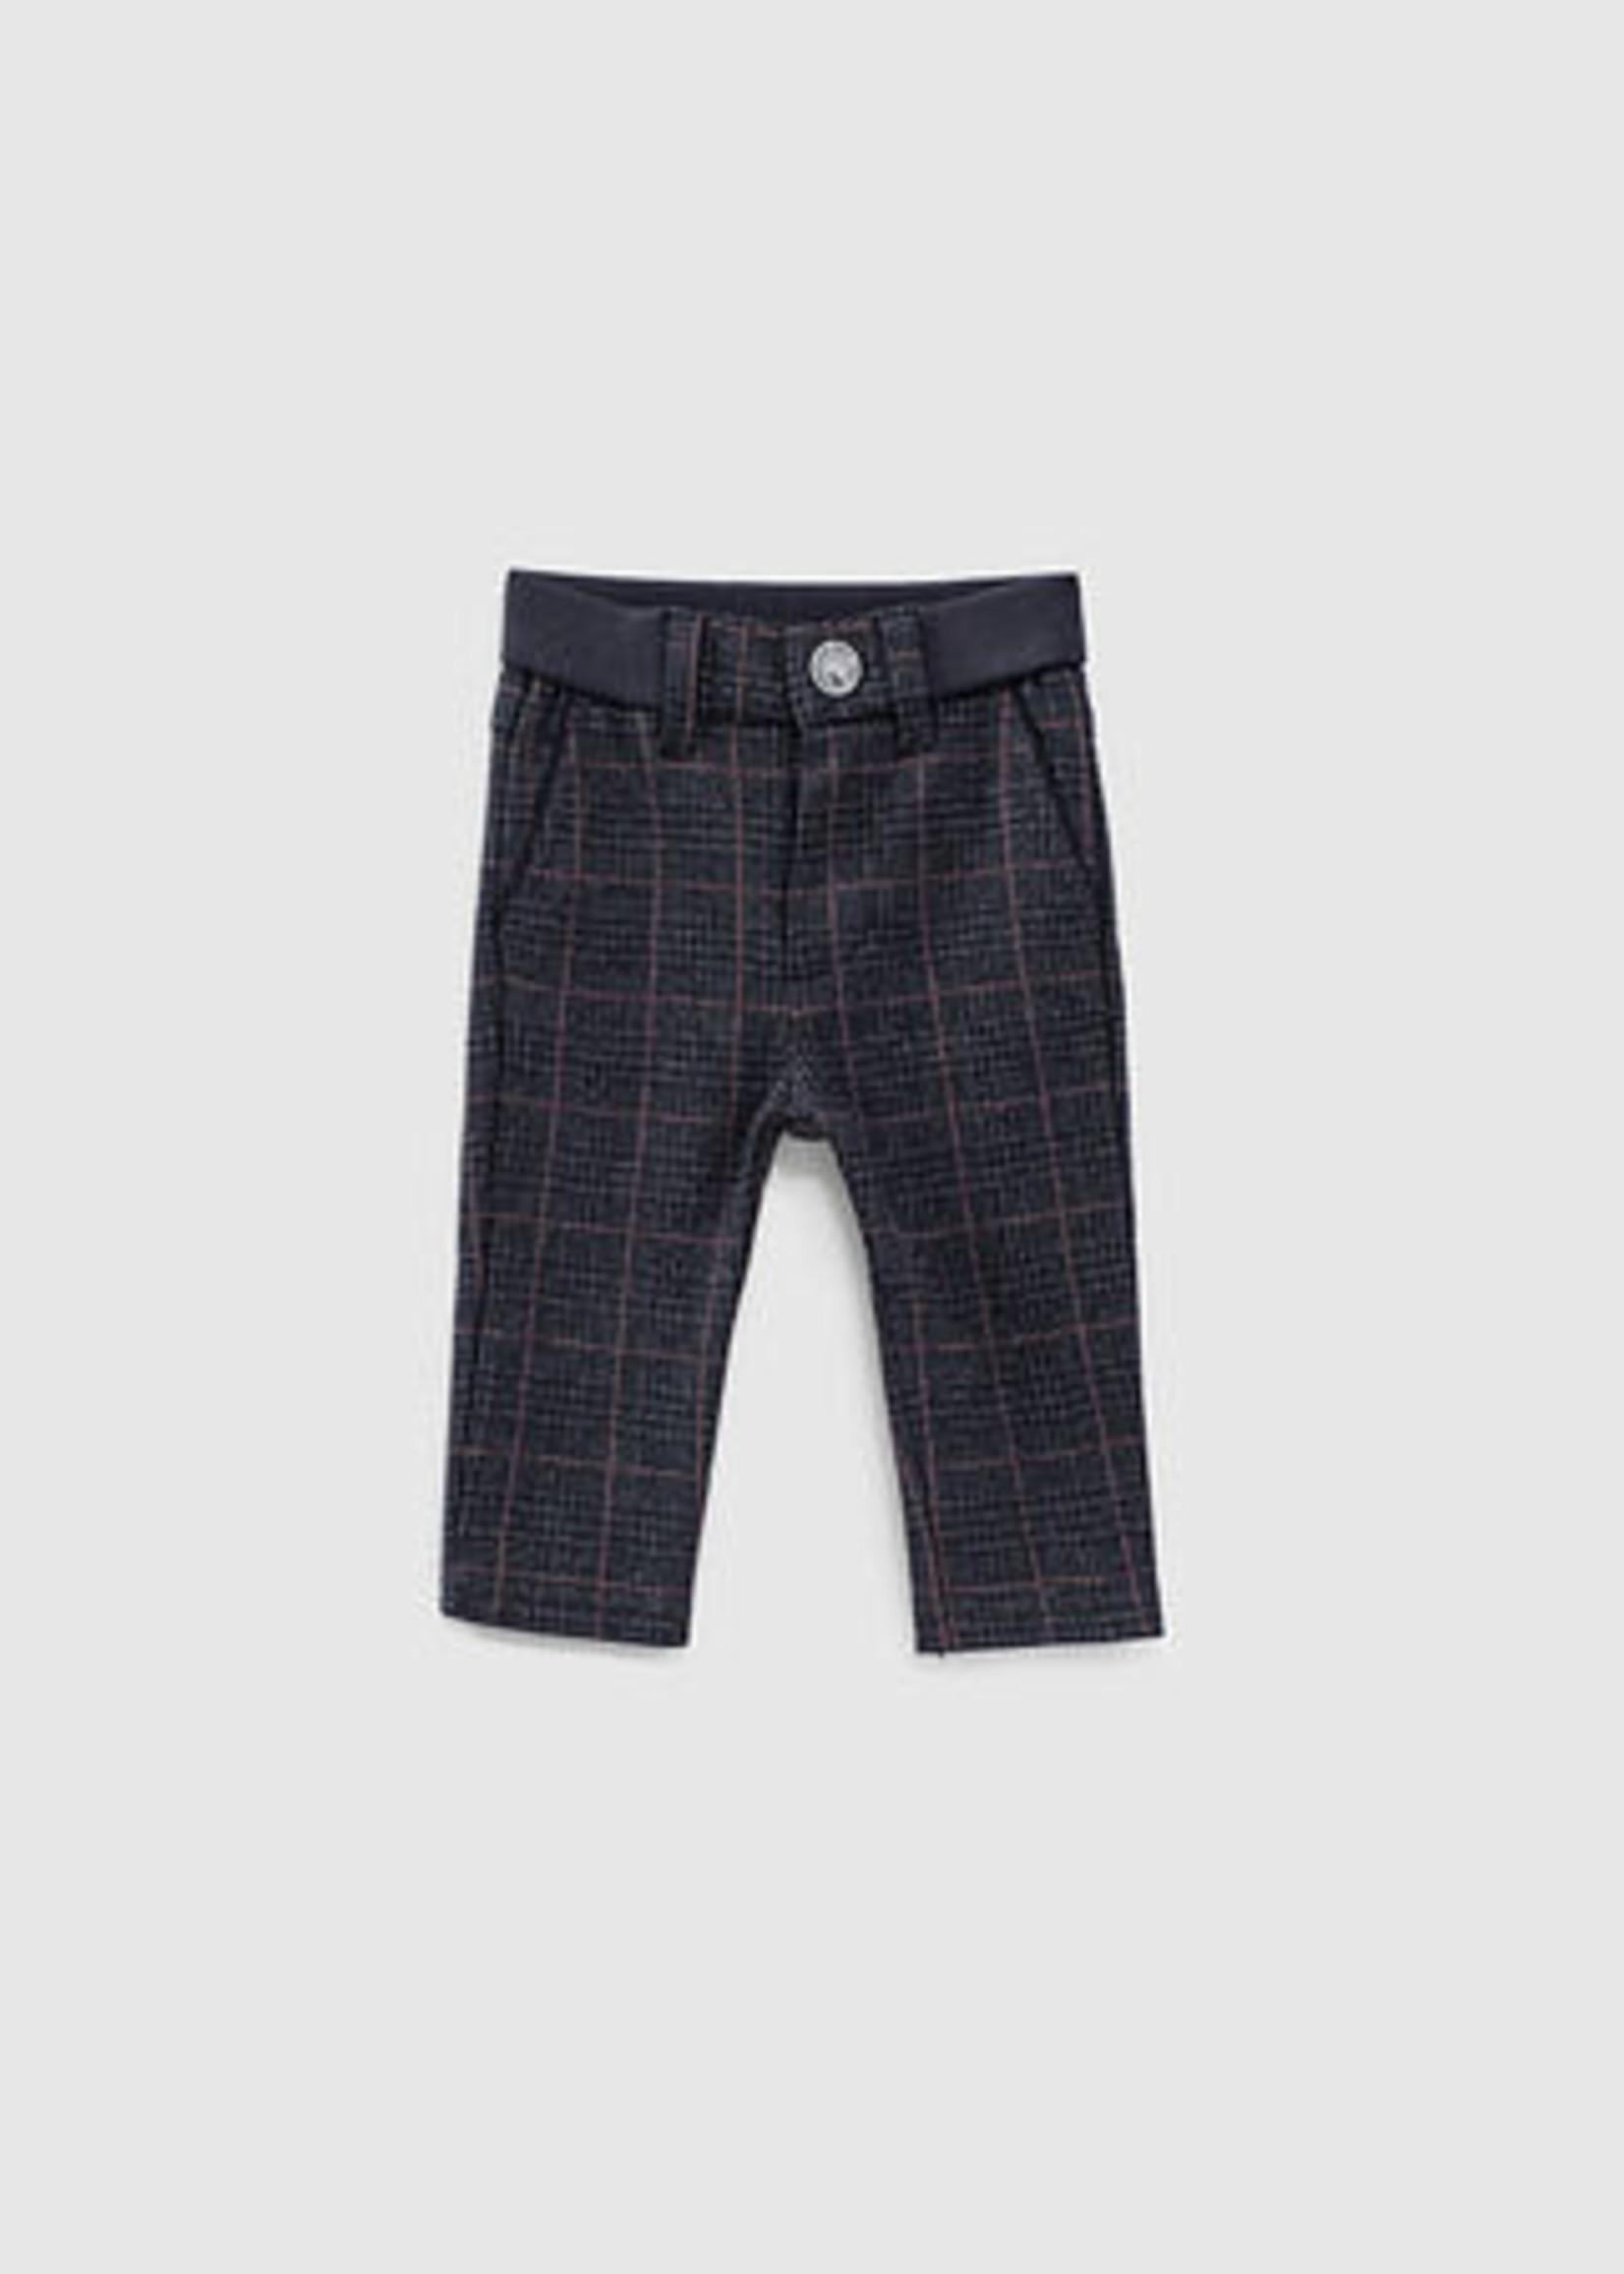 IKKS IKKS viking rocker pantalon